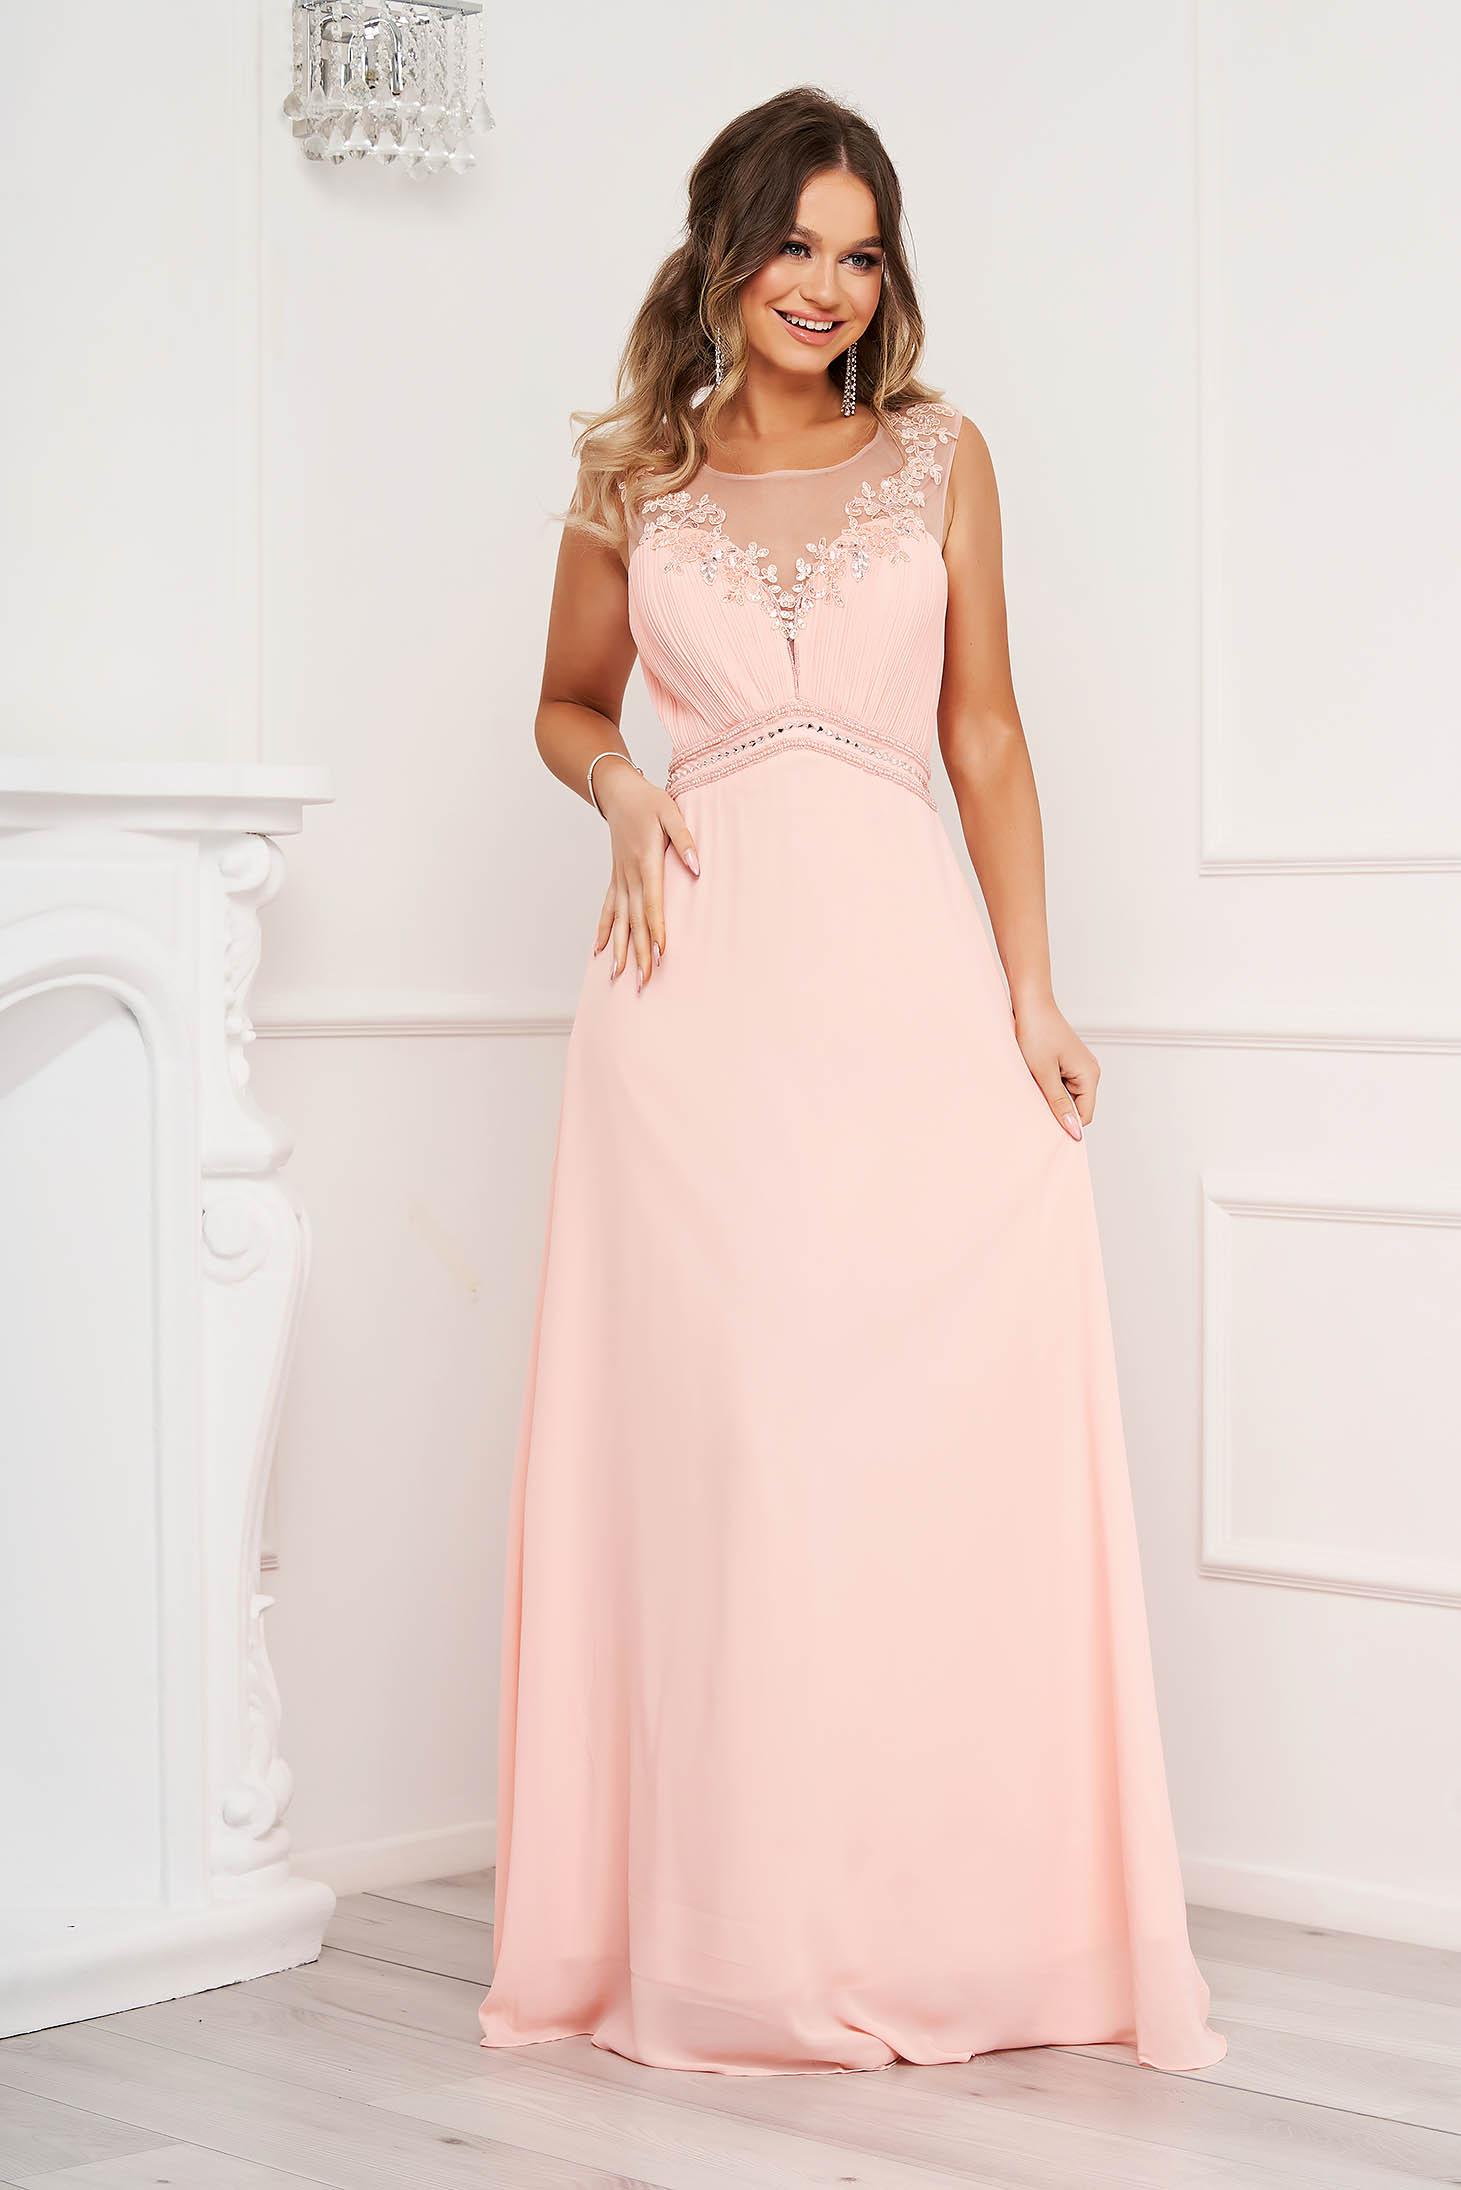 Rochie roz lunga de ocazie in clos fara maneci cu broderie florala si pietre strass